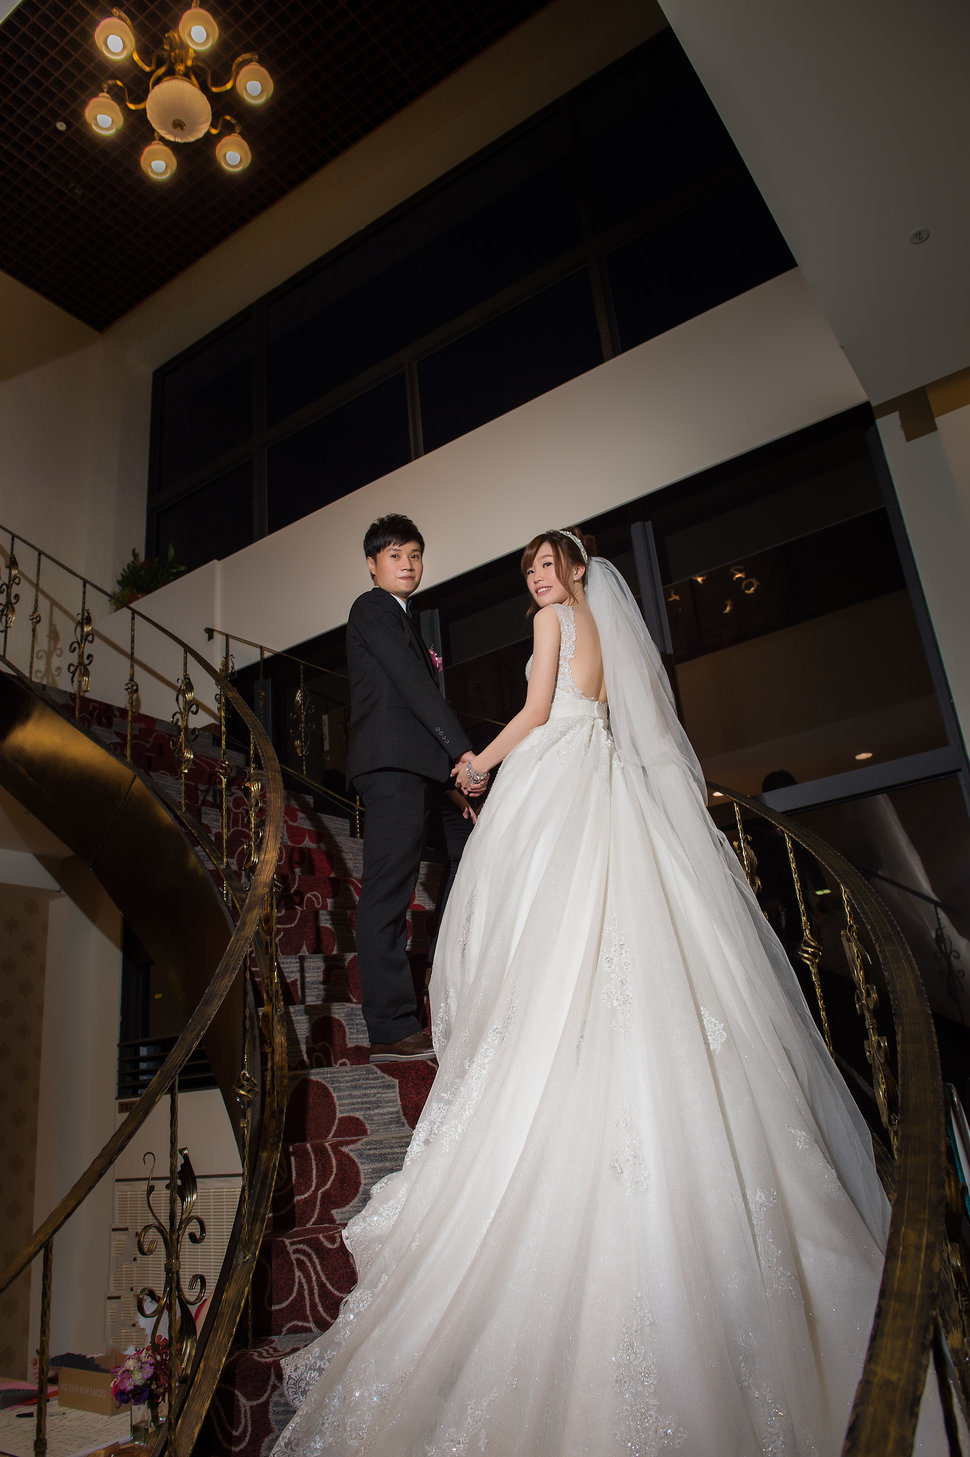 [桃園婚攝] 文訂迎娶&海豐餐廳(編號:433216) - Allen影像團隊 Love Story - 結婚吧